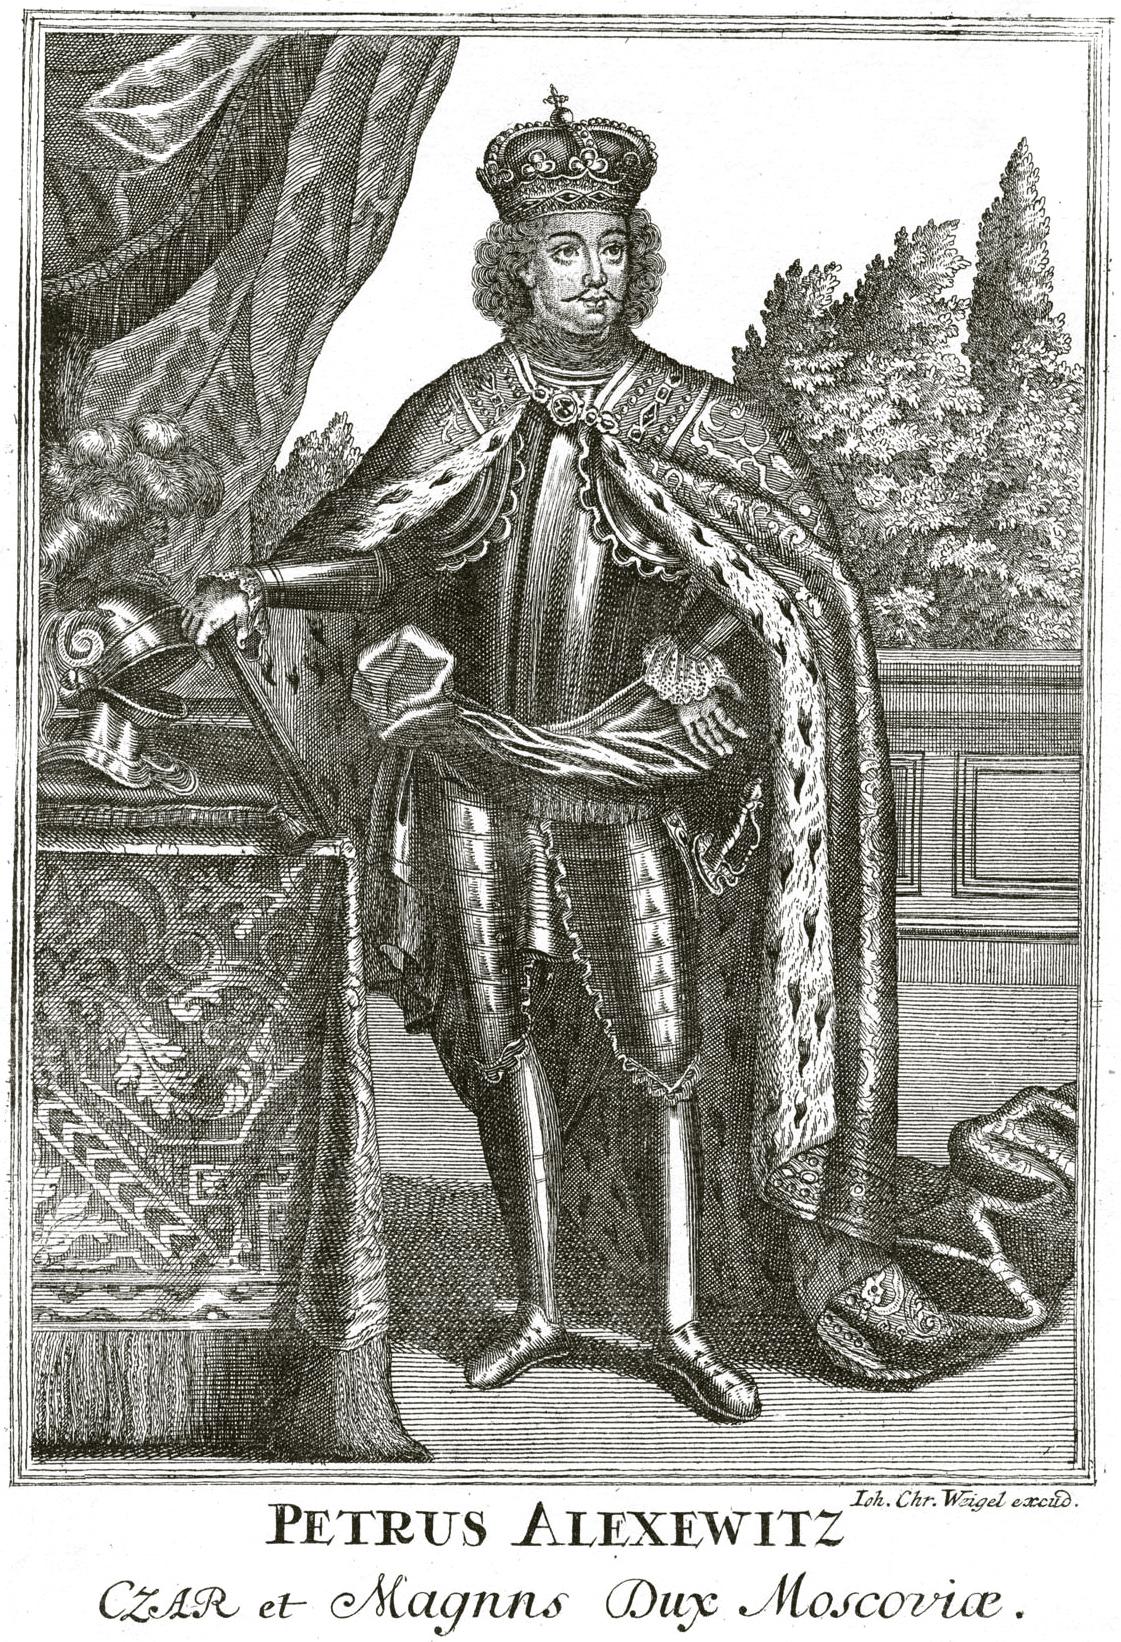 226. Портрет Петра I в короне и порфире: Job. Chr. Weigel excud.